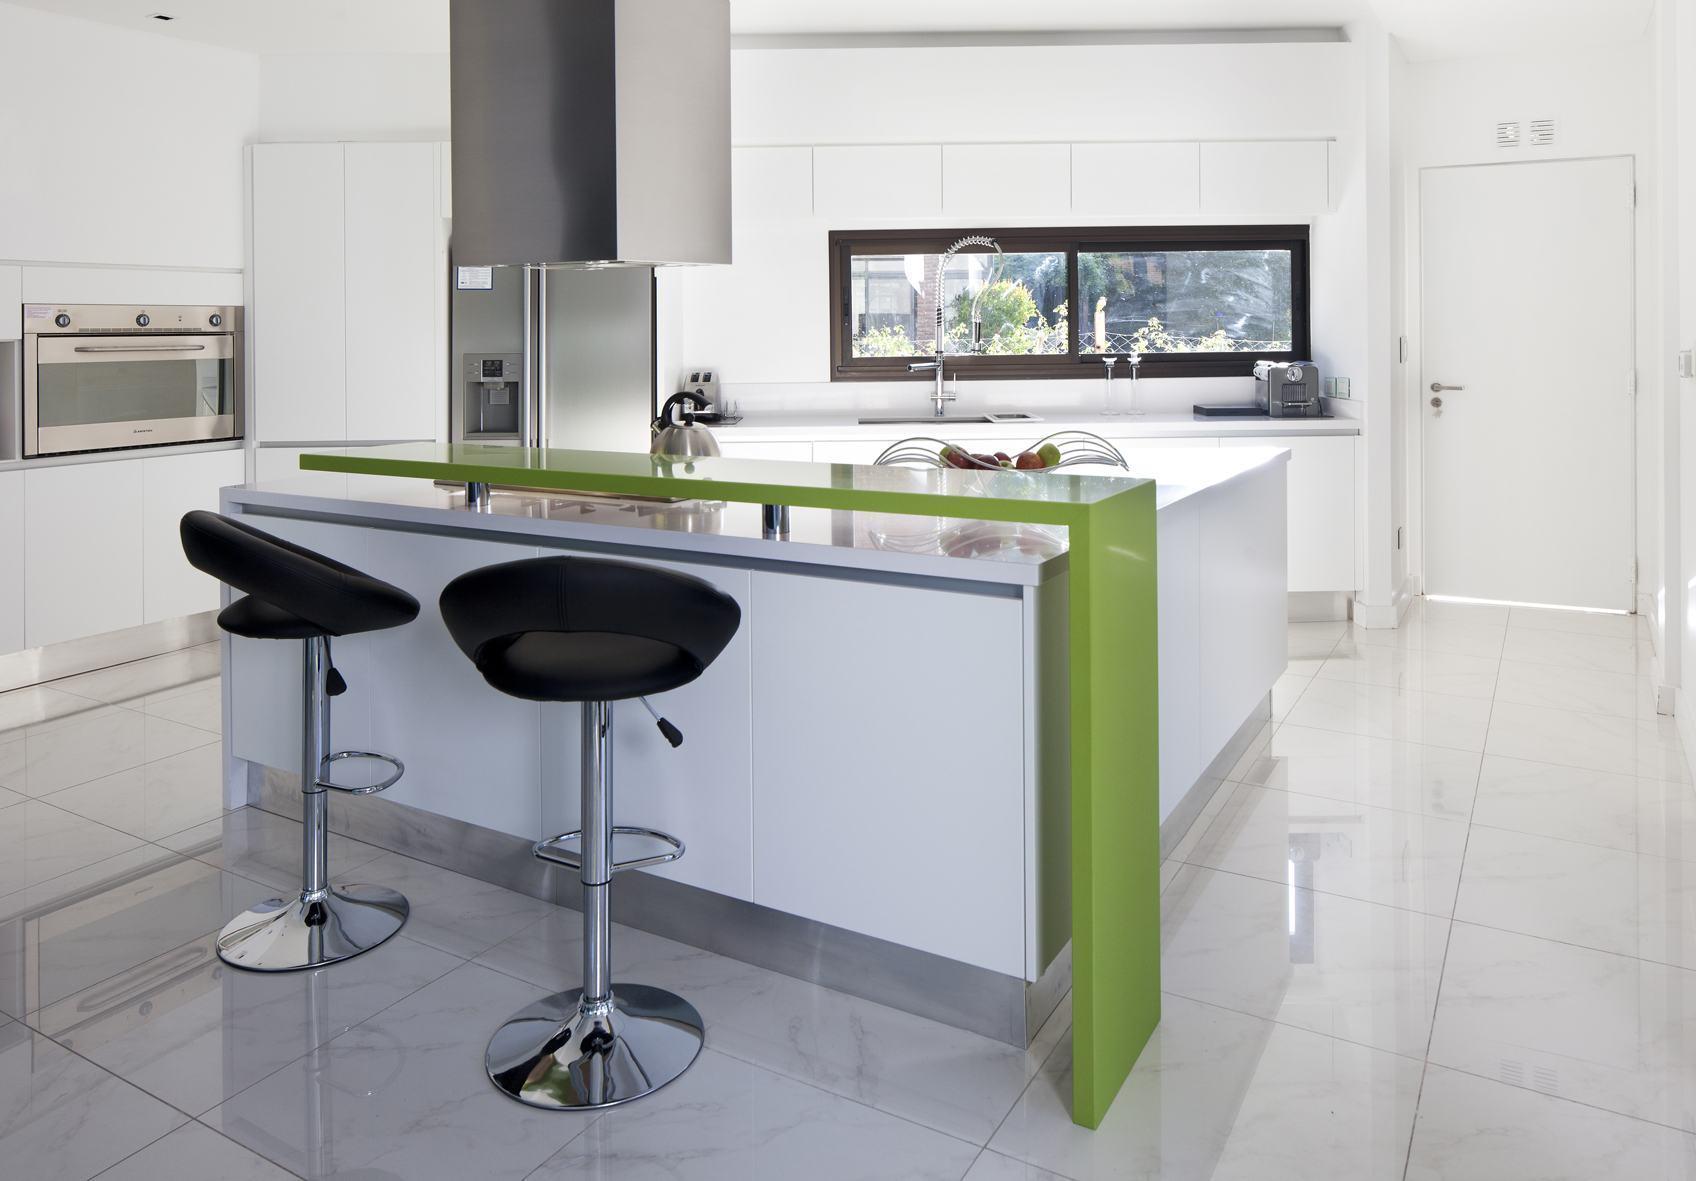 cozinha-verde-42